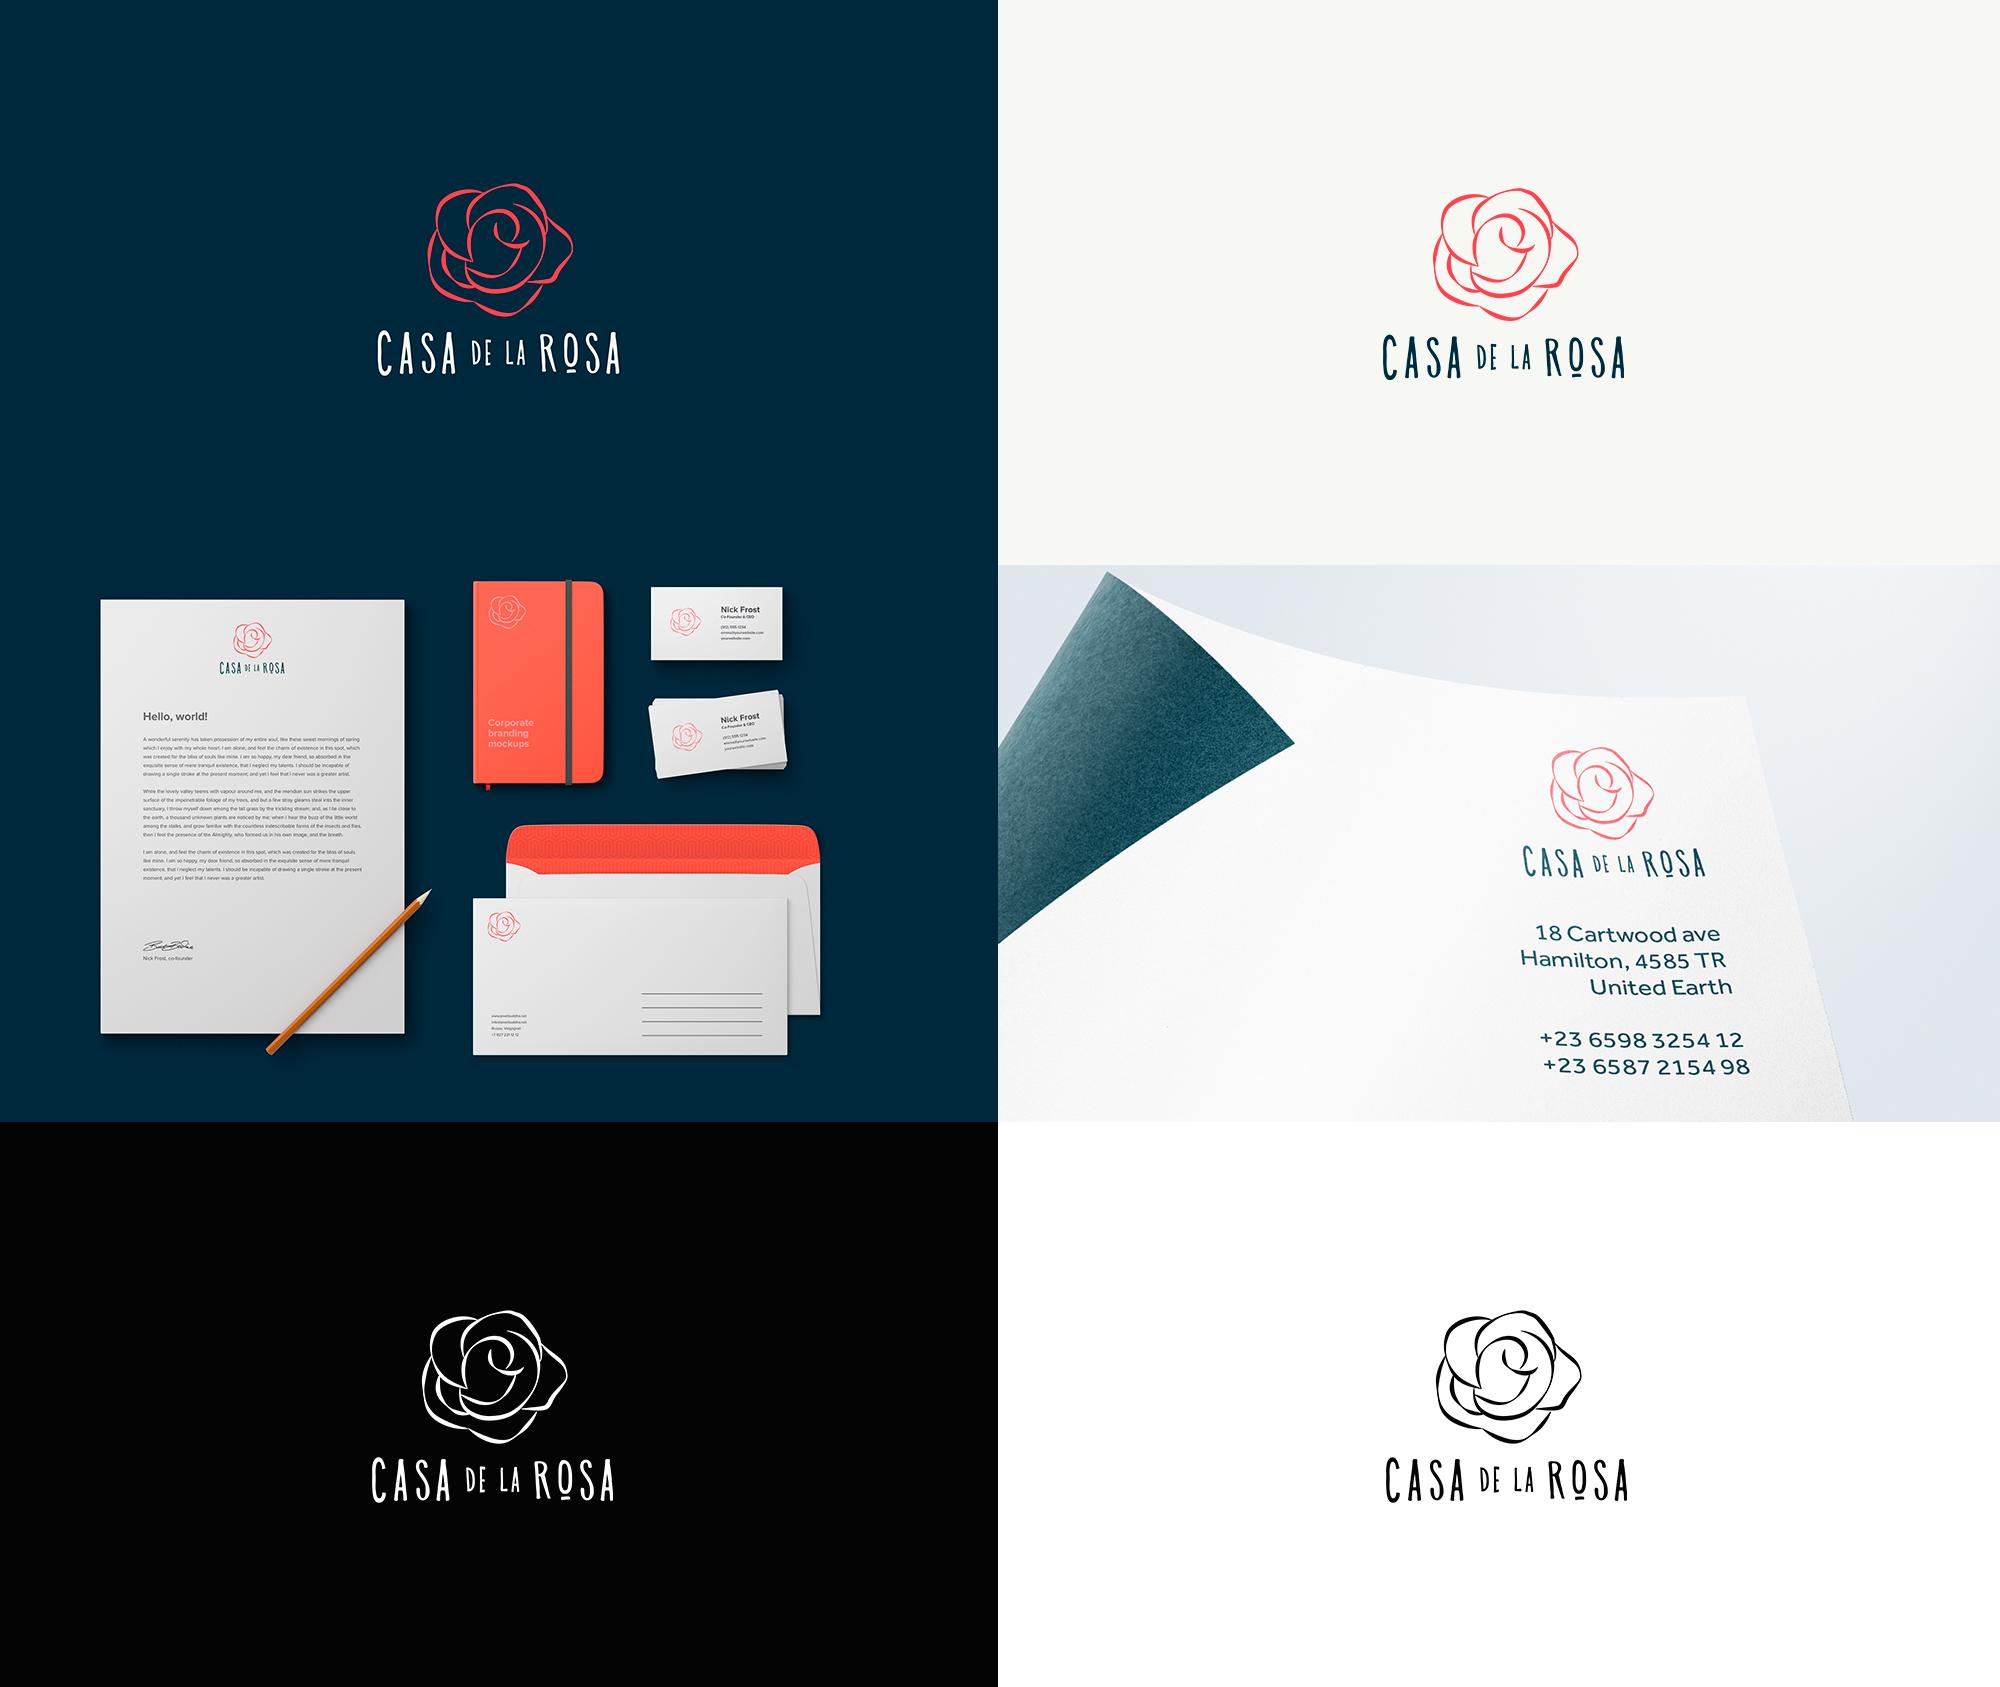 Логотип + Фирменный знак для элитного поселка Casa De La Rosa фото f_3985cd69e8b83839.jpg